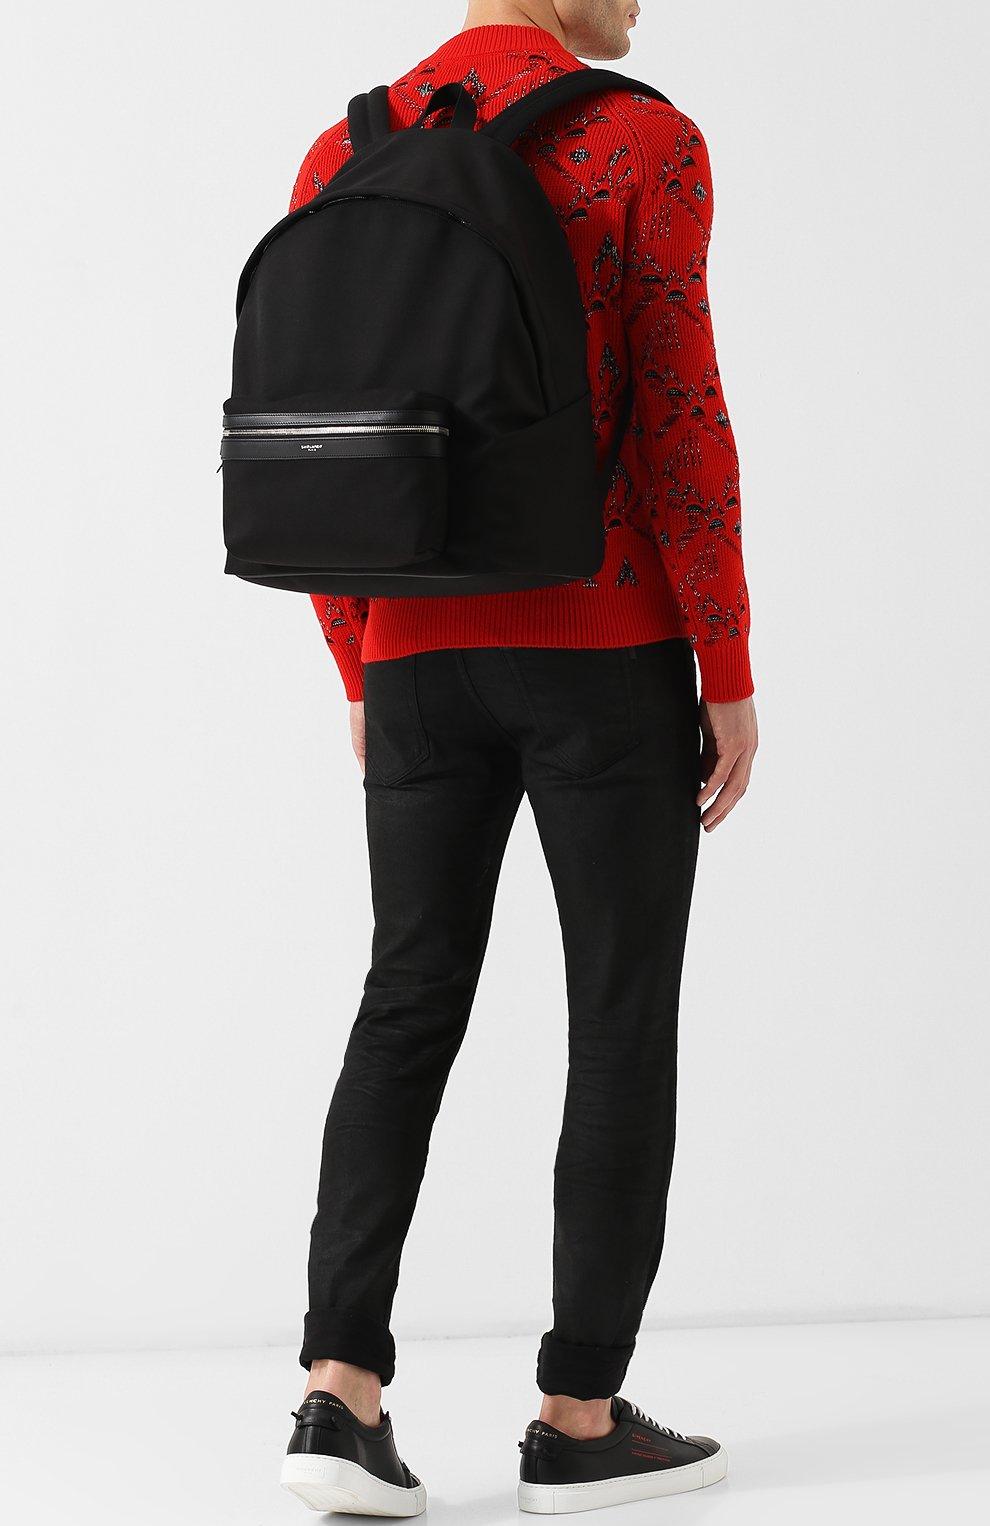 Текстильный рюкзак City с внешним карманом на молнии Saint Laurent черный | Фото №2